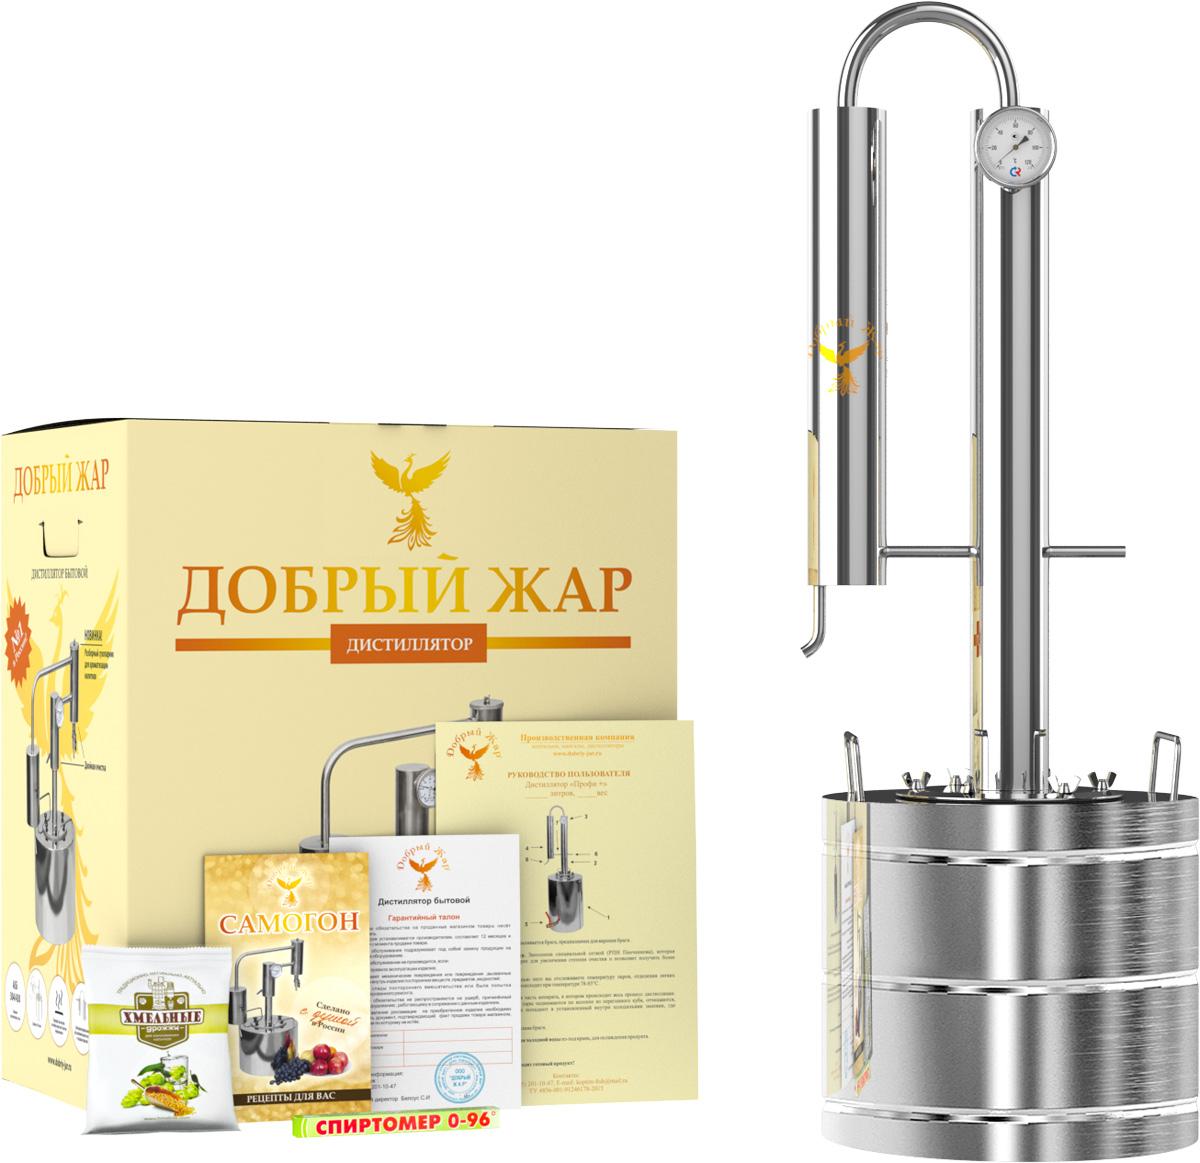 Добрый жар Профи Плюс дистиллятор проточный, 20 л дистиллятор проточный добрый жар профи плюс 40 литров